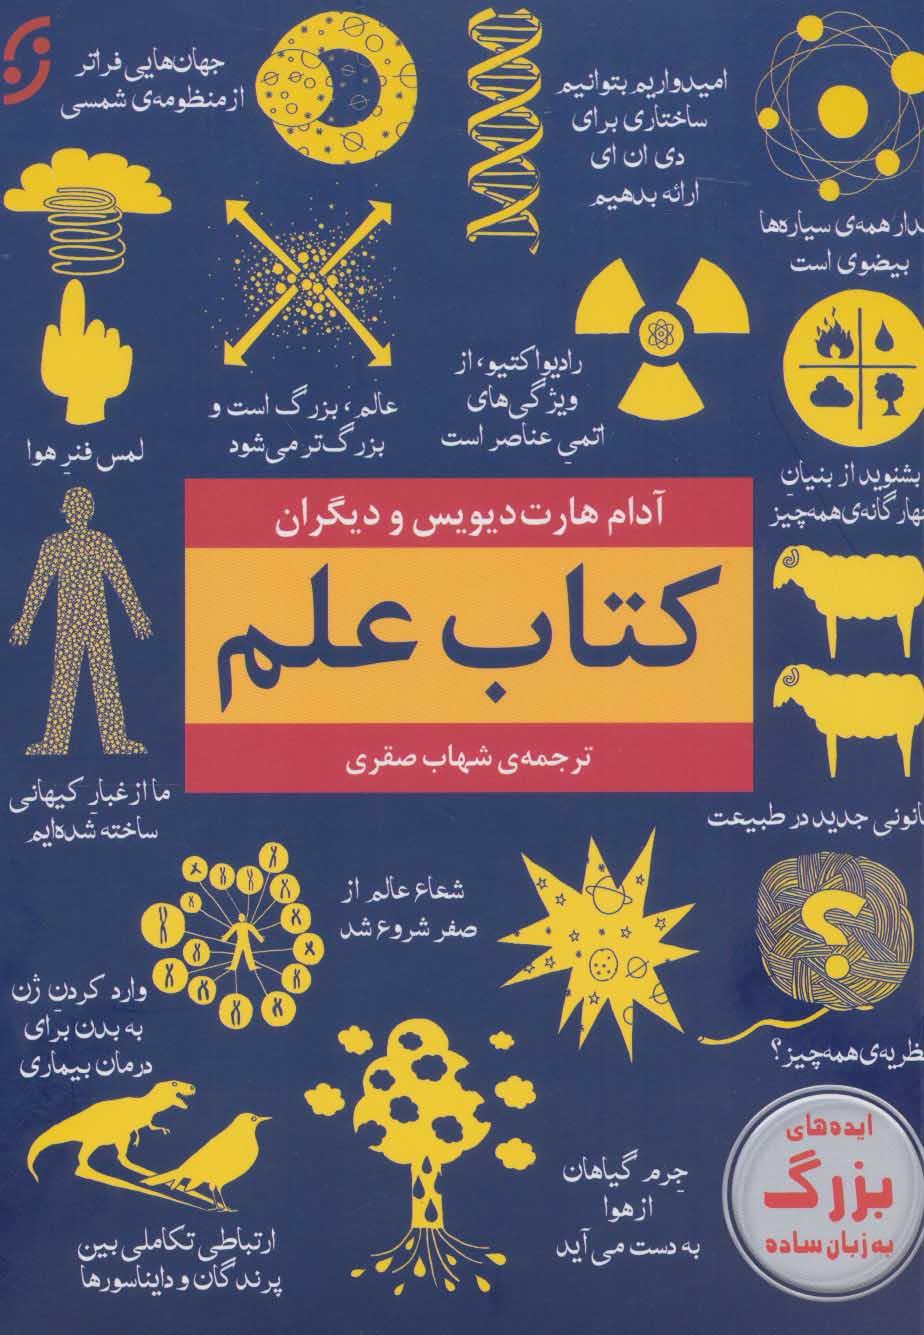 کتاب علم (ایده های بزرگ به زبان ساده)